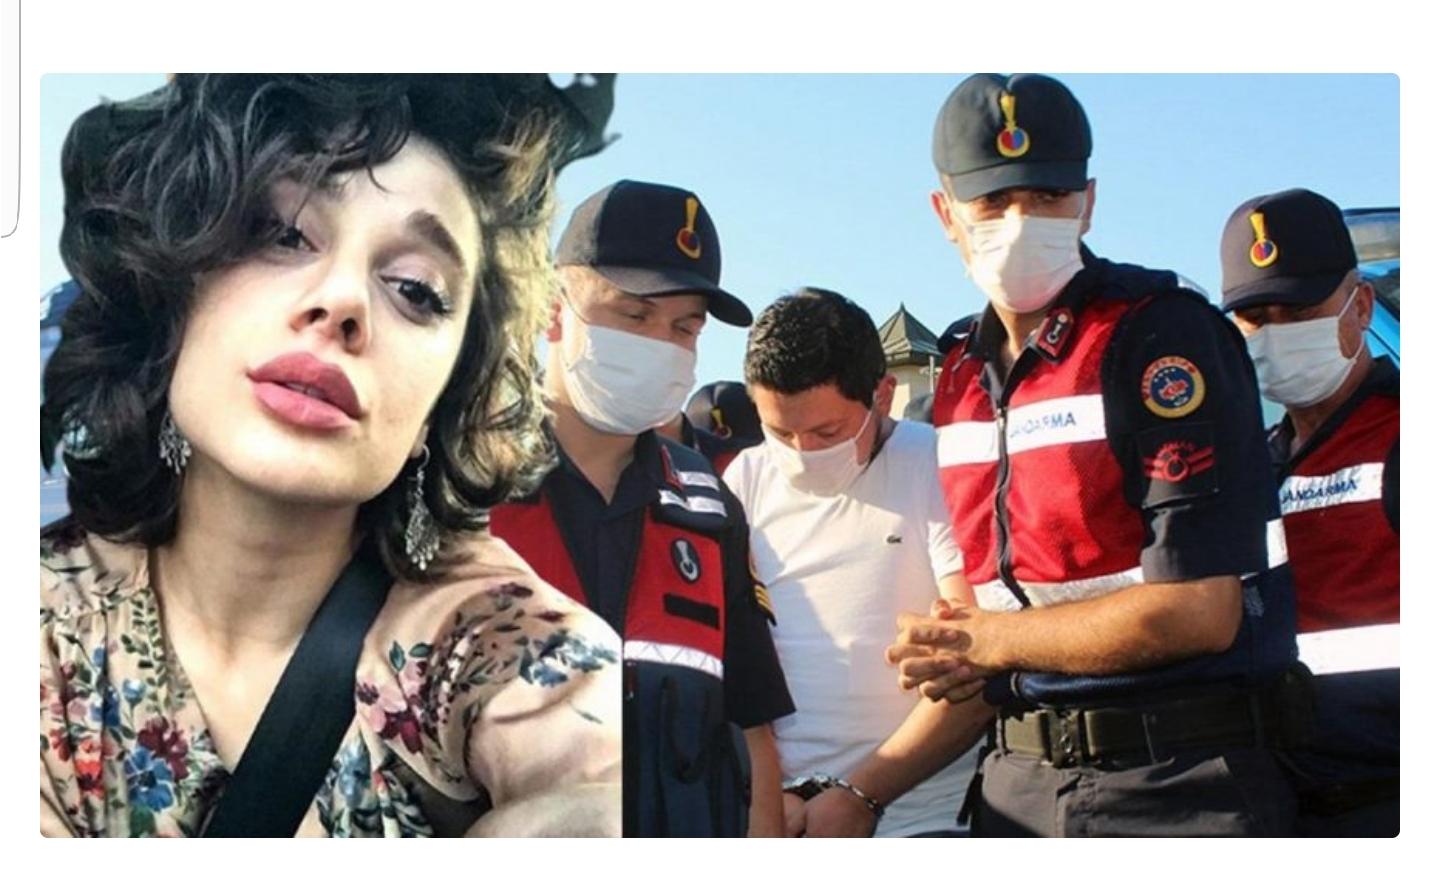 Pınar Gültekin'i canice öldüren Cemal Metin Avcı'nın kan donduran savcılık ifadesi